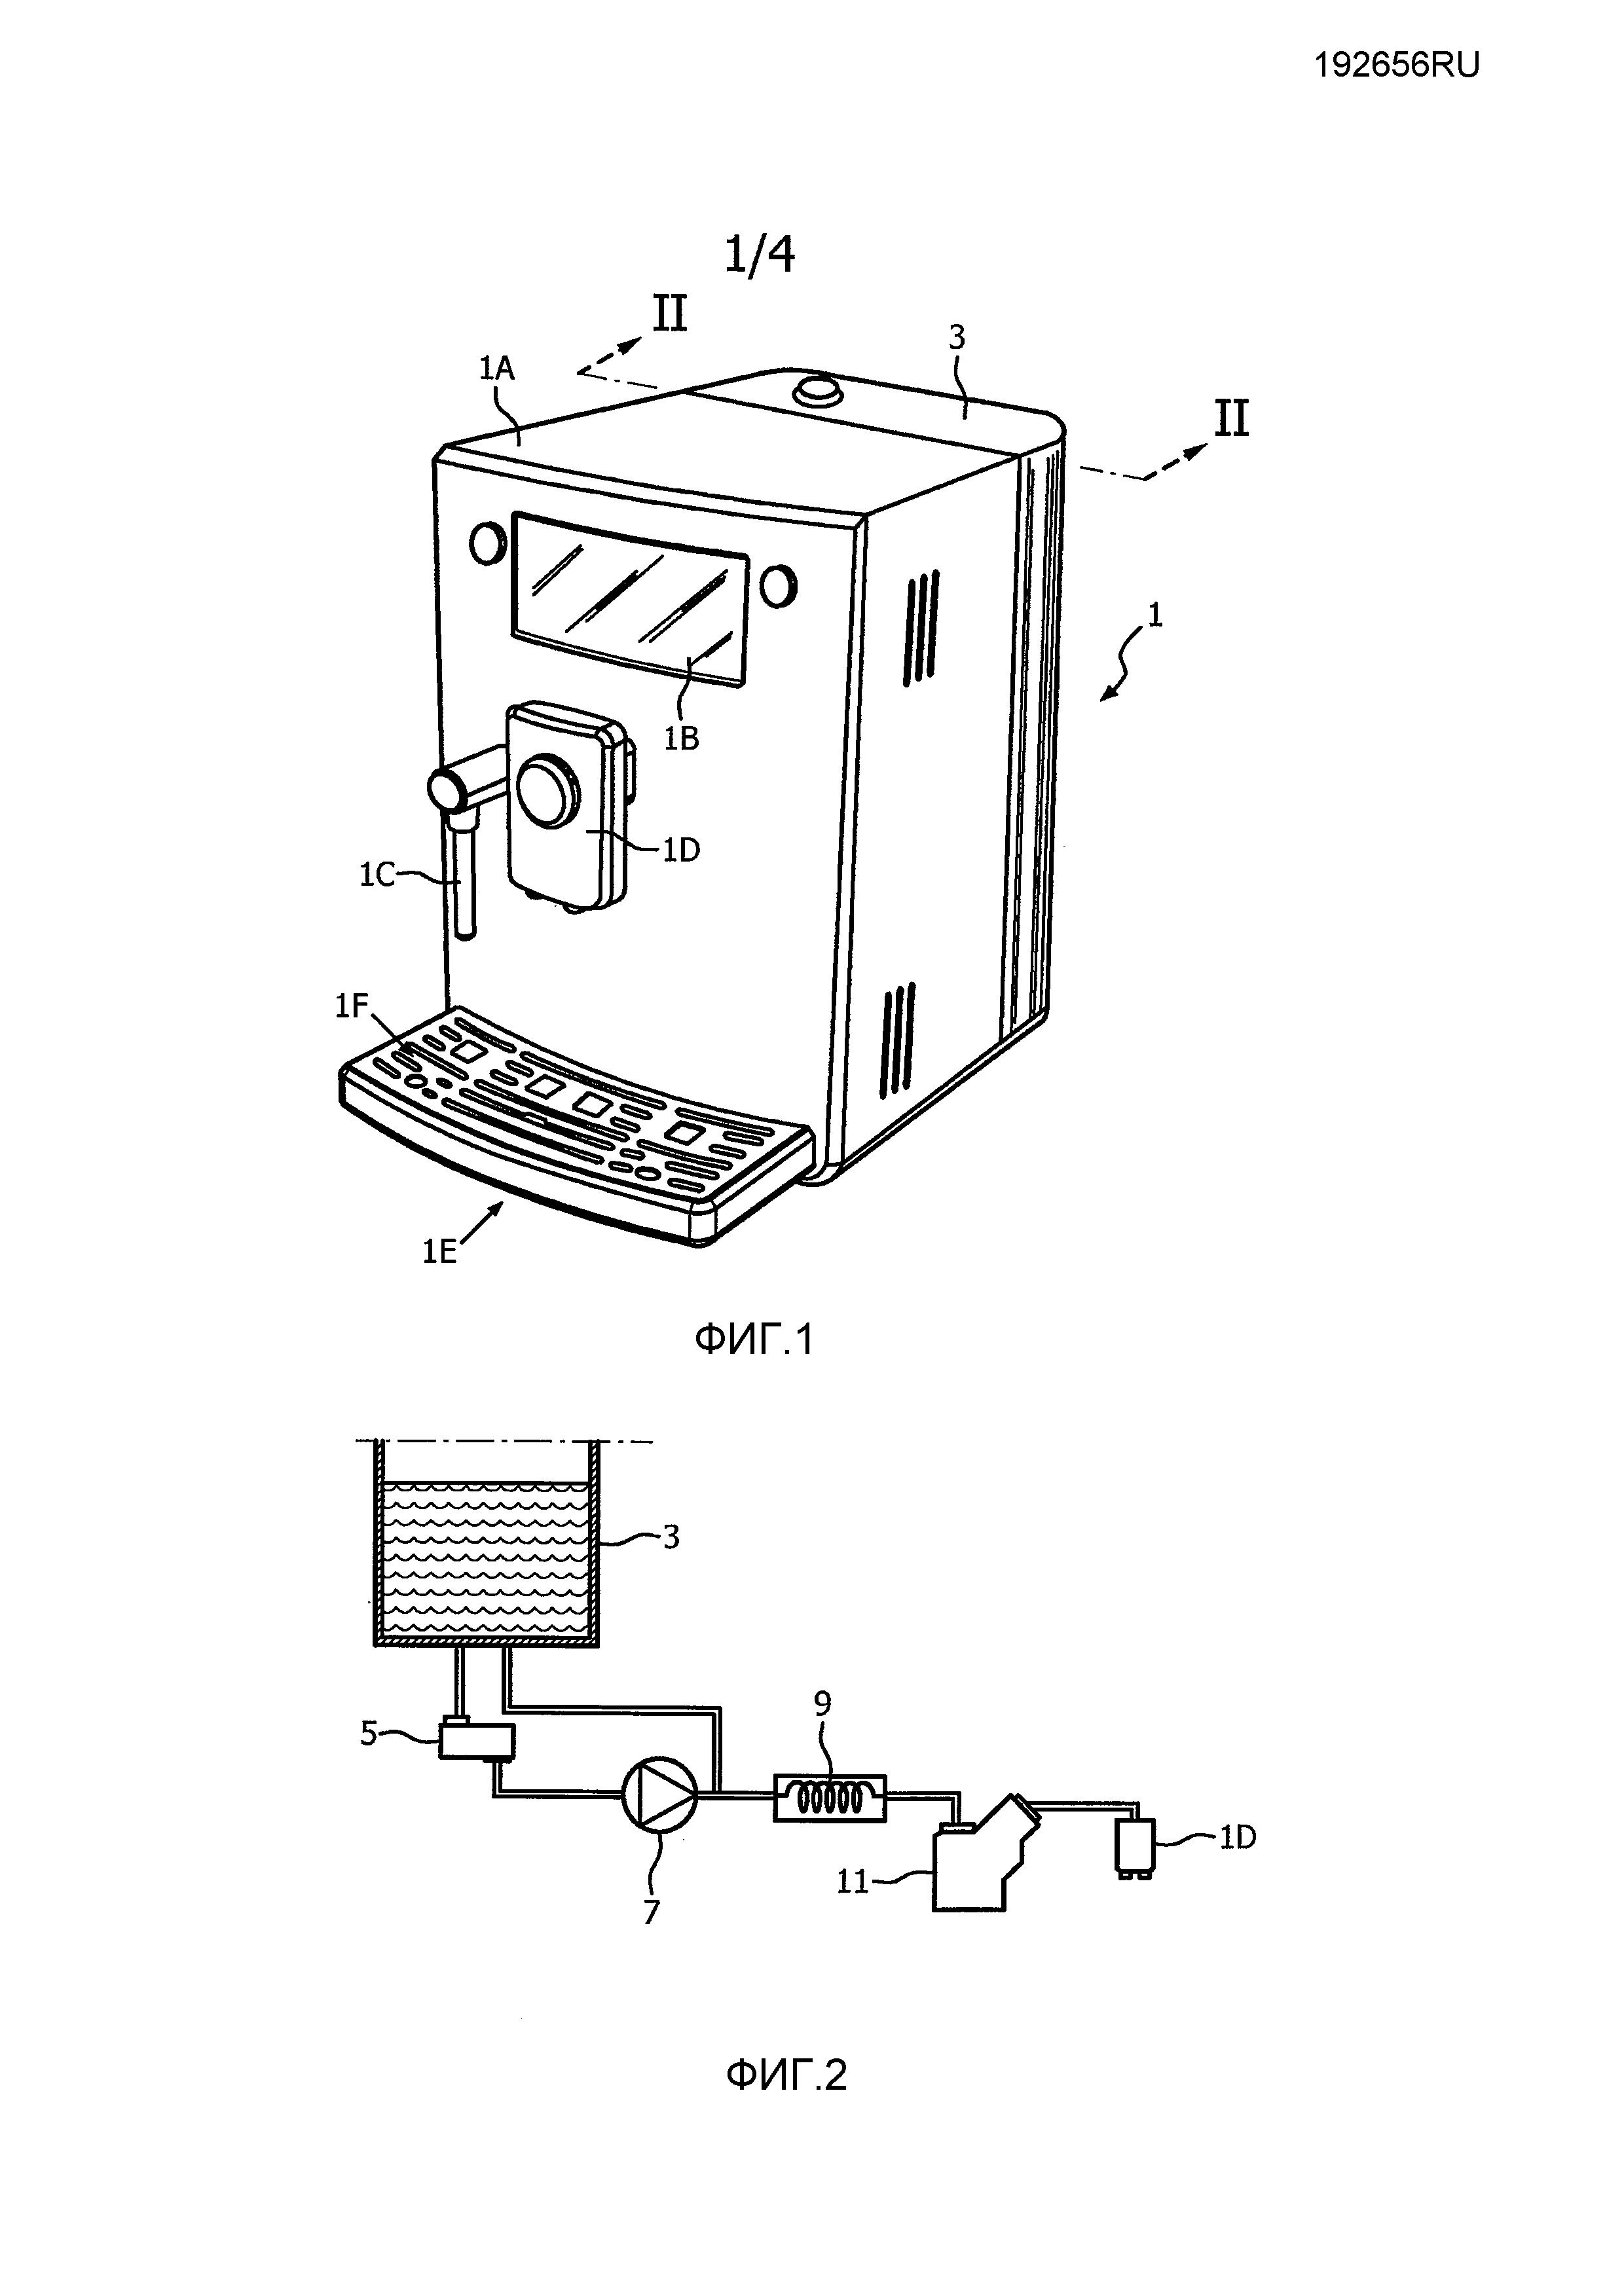 Емкость для воды и машина для приготовления напитков, содержащая упомянутую емкость